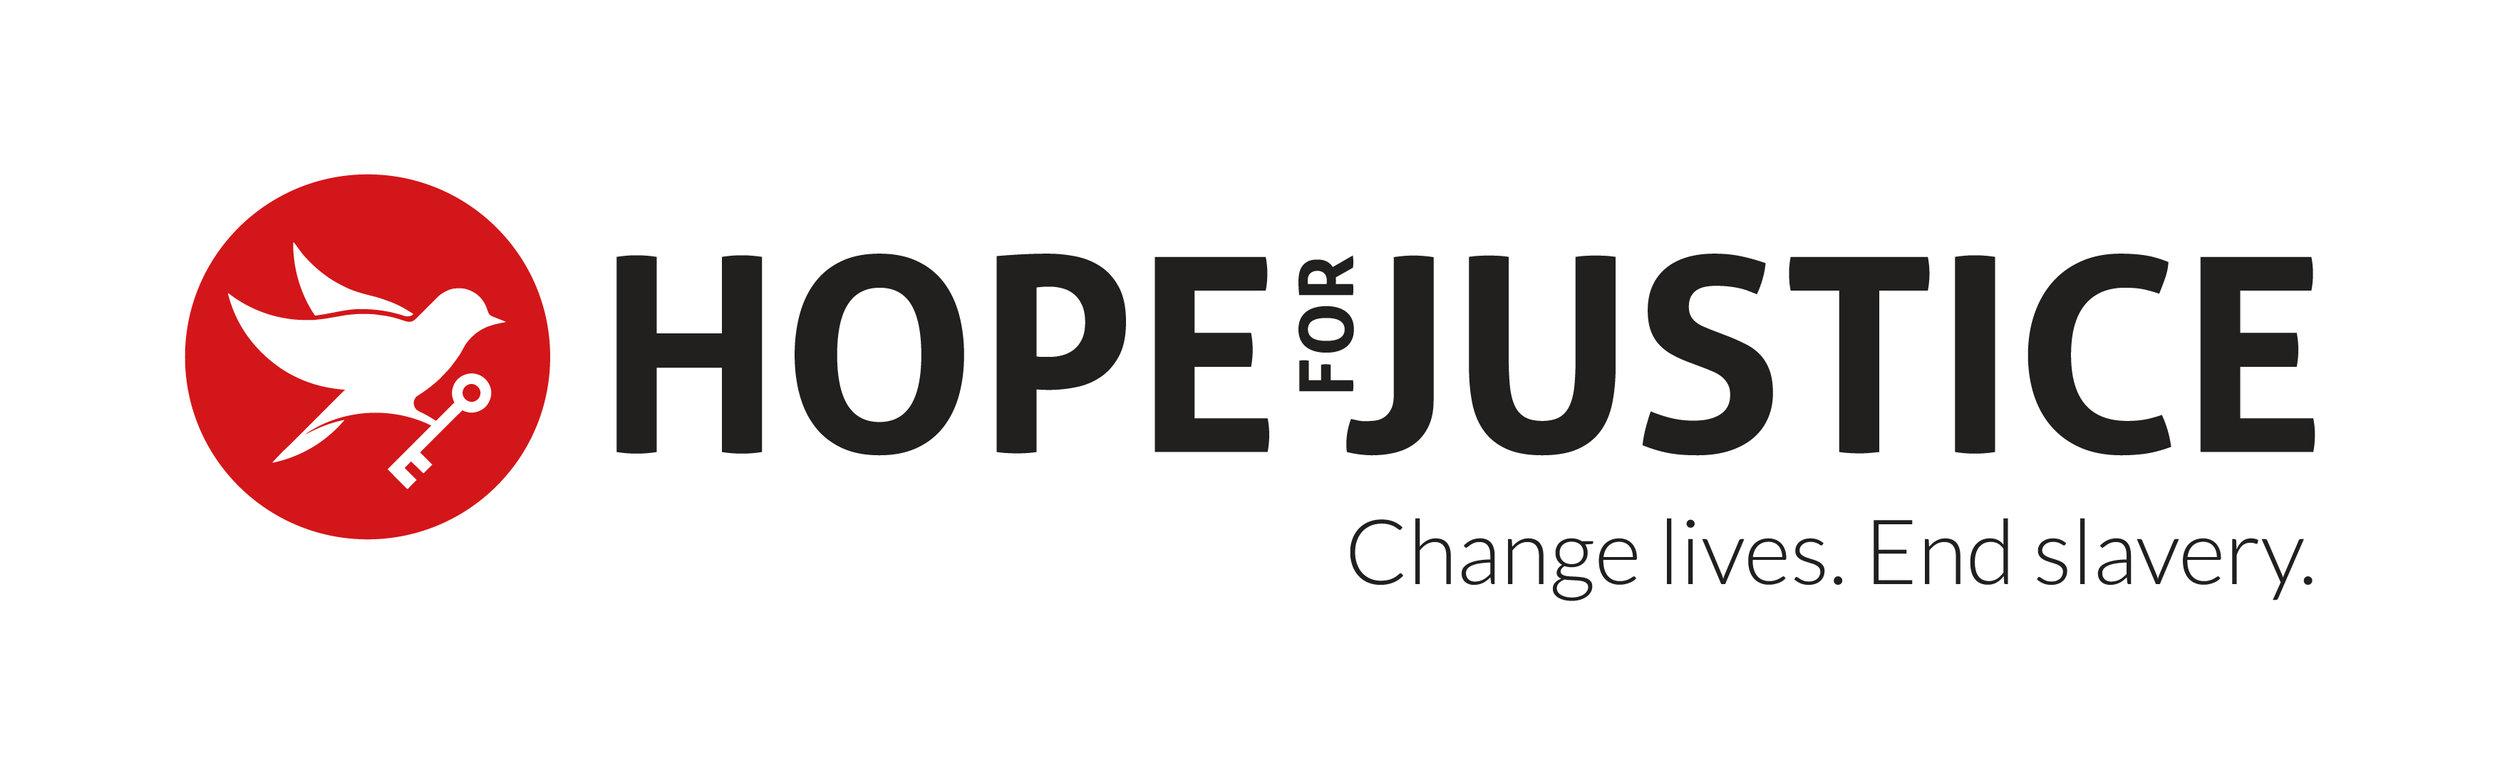 Hope_for_Justice_logo.jpg